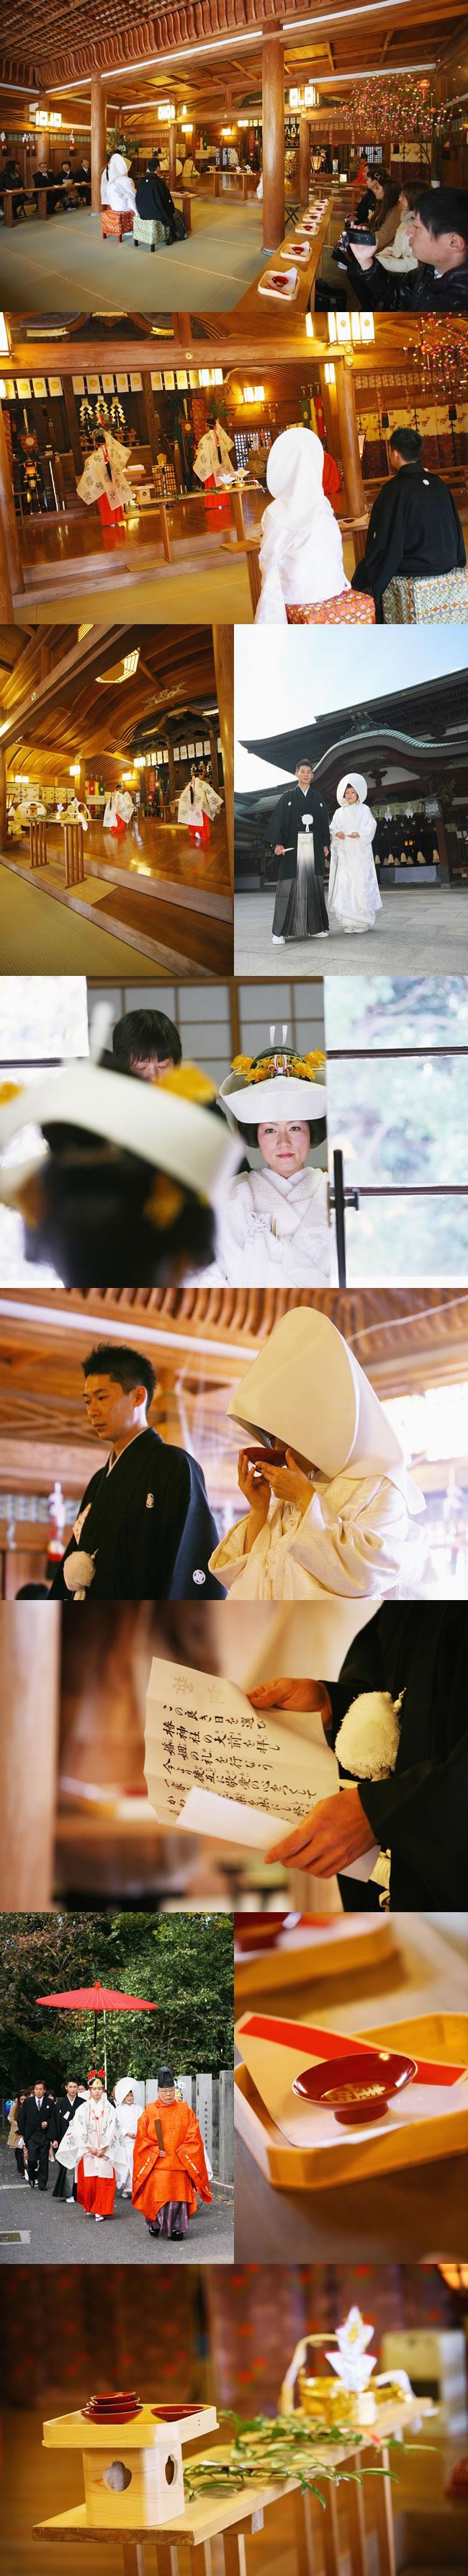 椿神社フォトギャラリー